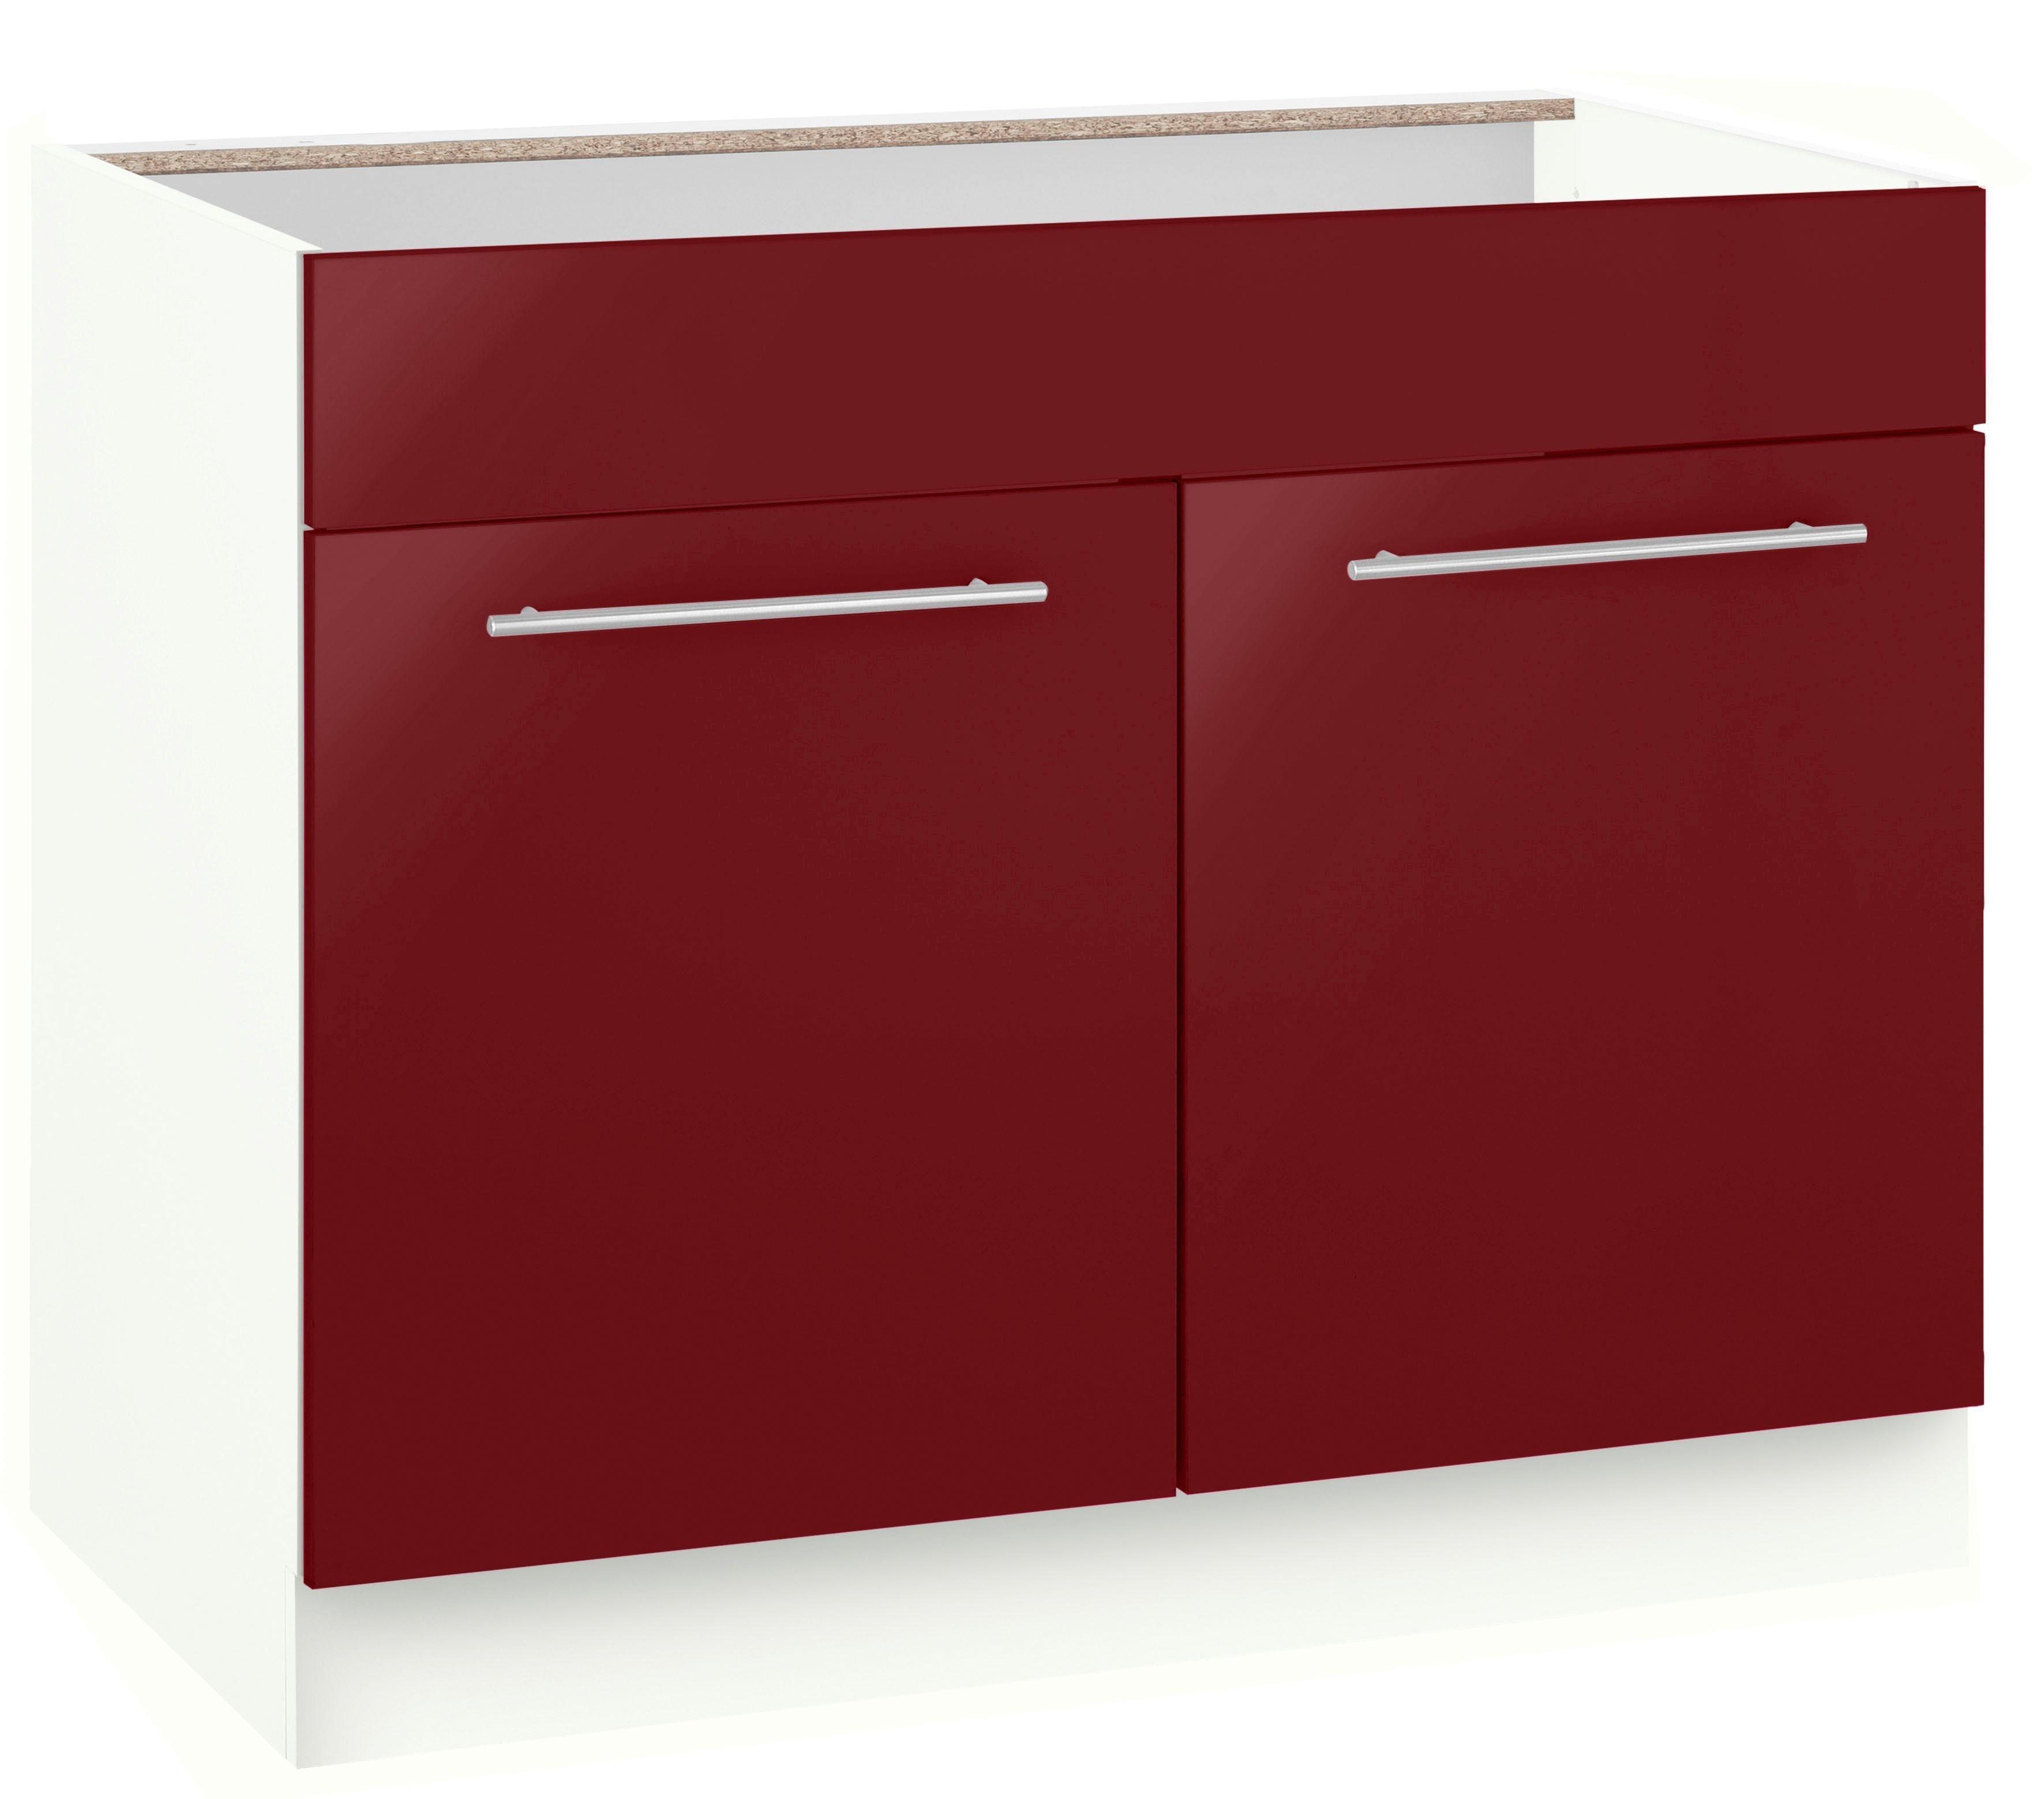 WIHO-Küchen Spülenschrank »Flexi2«, Breite 100 cm | Küche und Esszimmer > Küchenschränke > Spülenschränke | Weiß - Rot - Glanz | Melamin | wiho Küchen